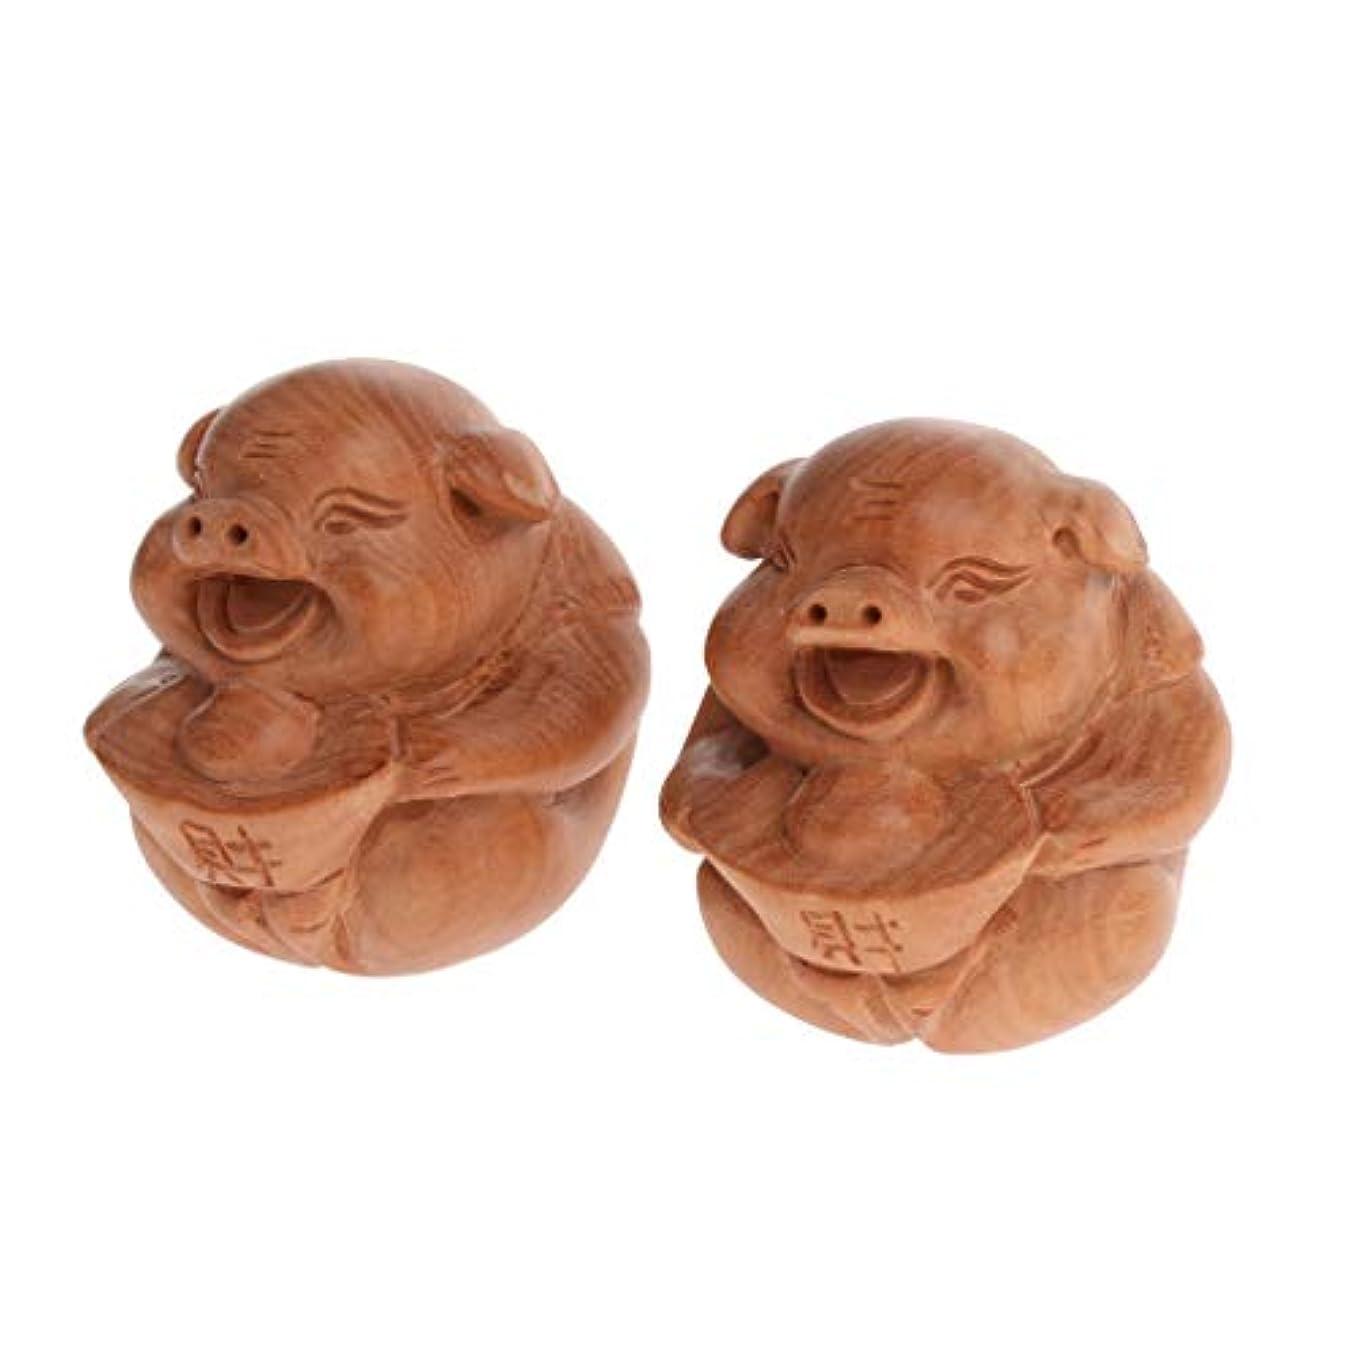 備品醜い贅沢chiwanji 木製 指エクササイズ ボール マッサージボール フェイシャルエステツール 持ち運び 可能